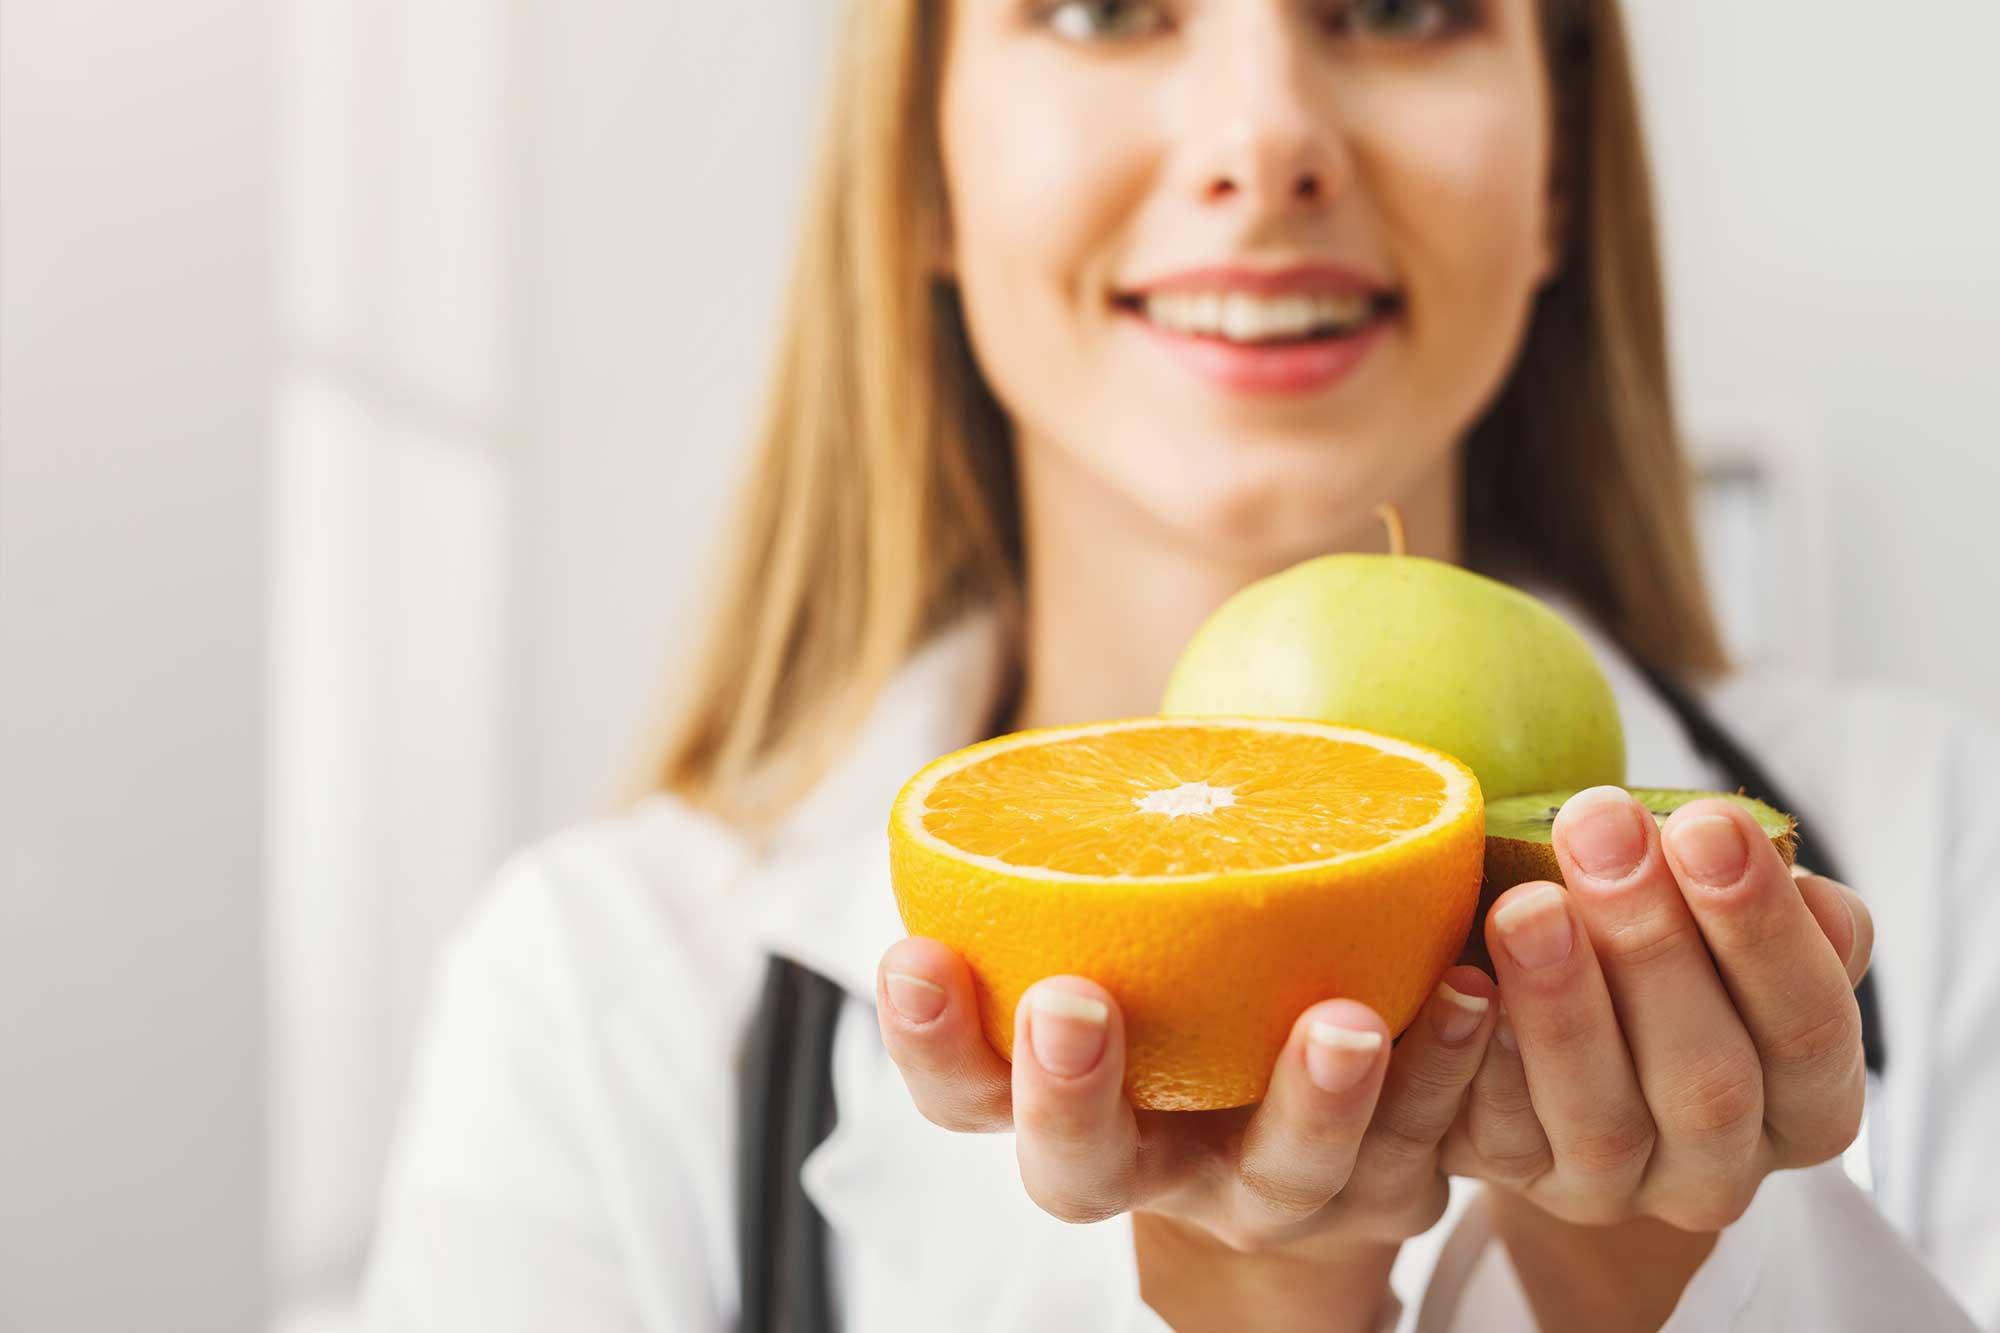 Las Naranjas y Mandarinas son un laxante natural